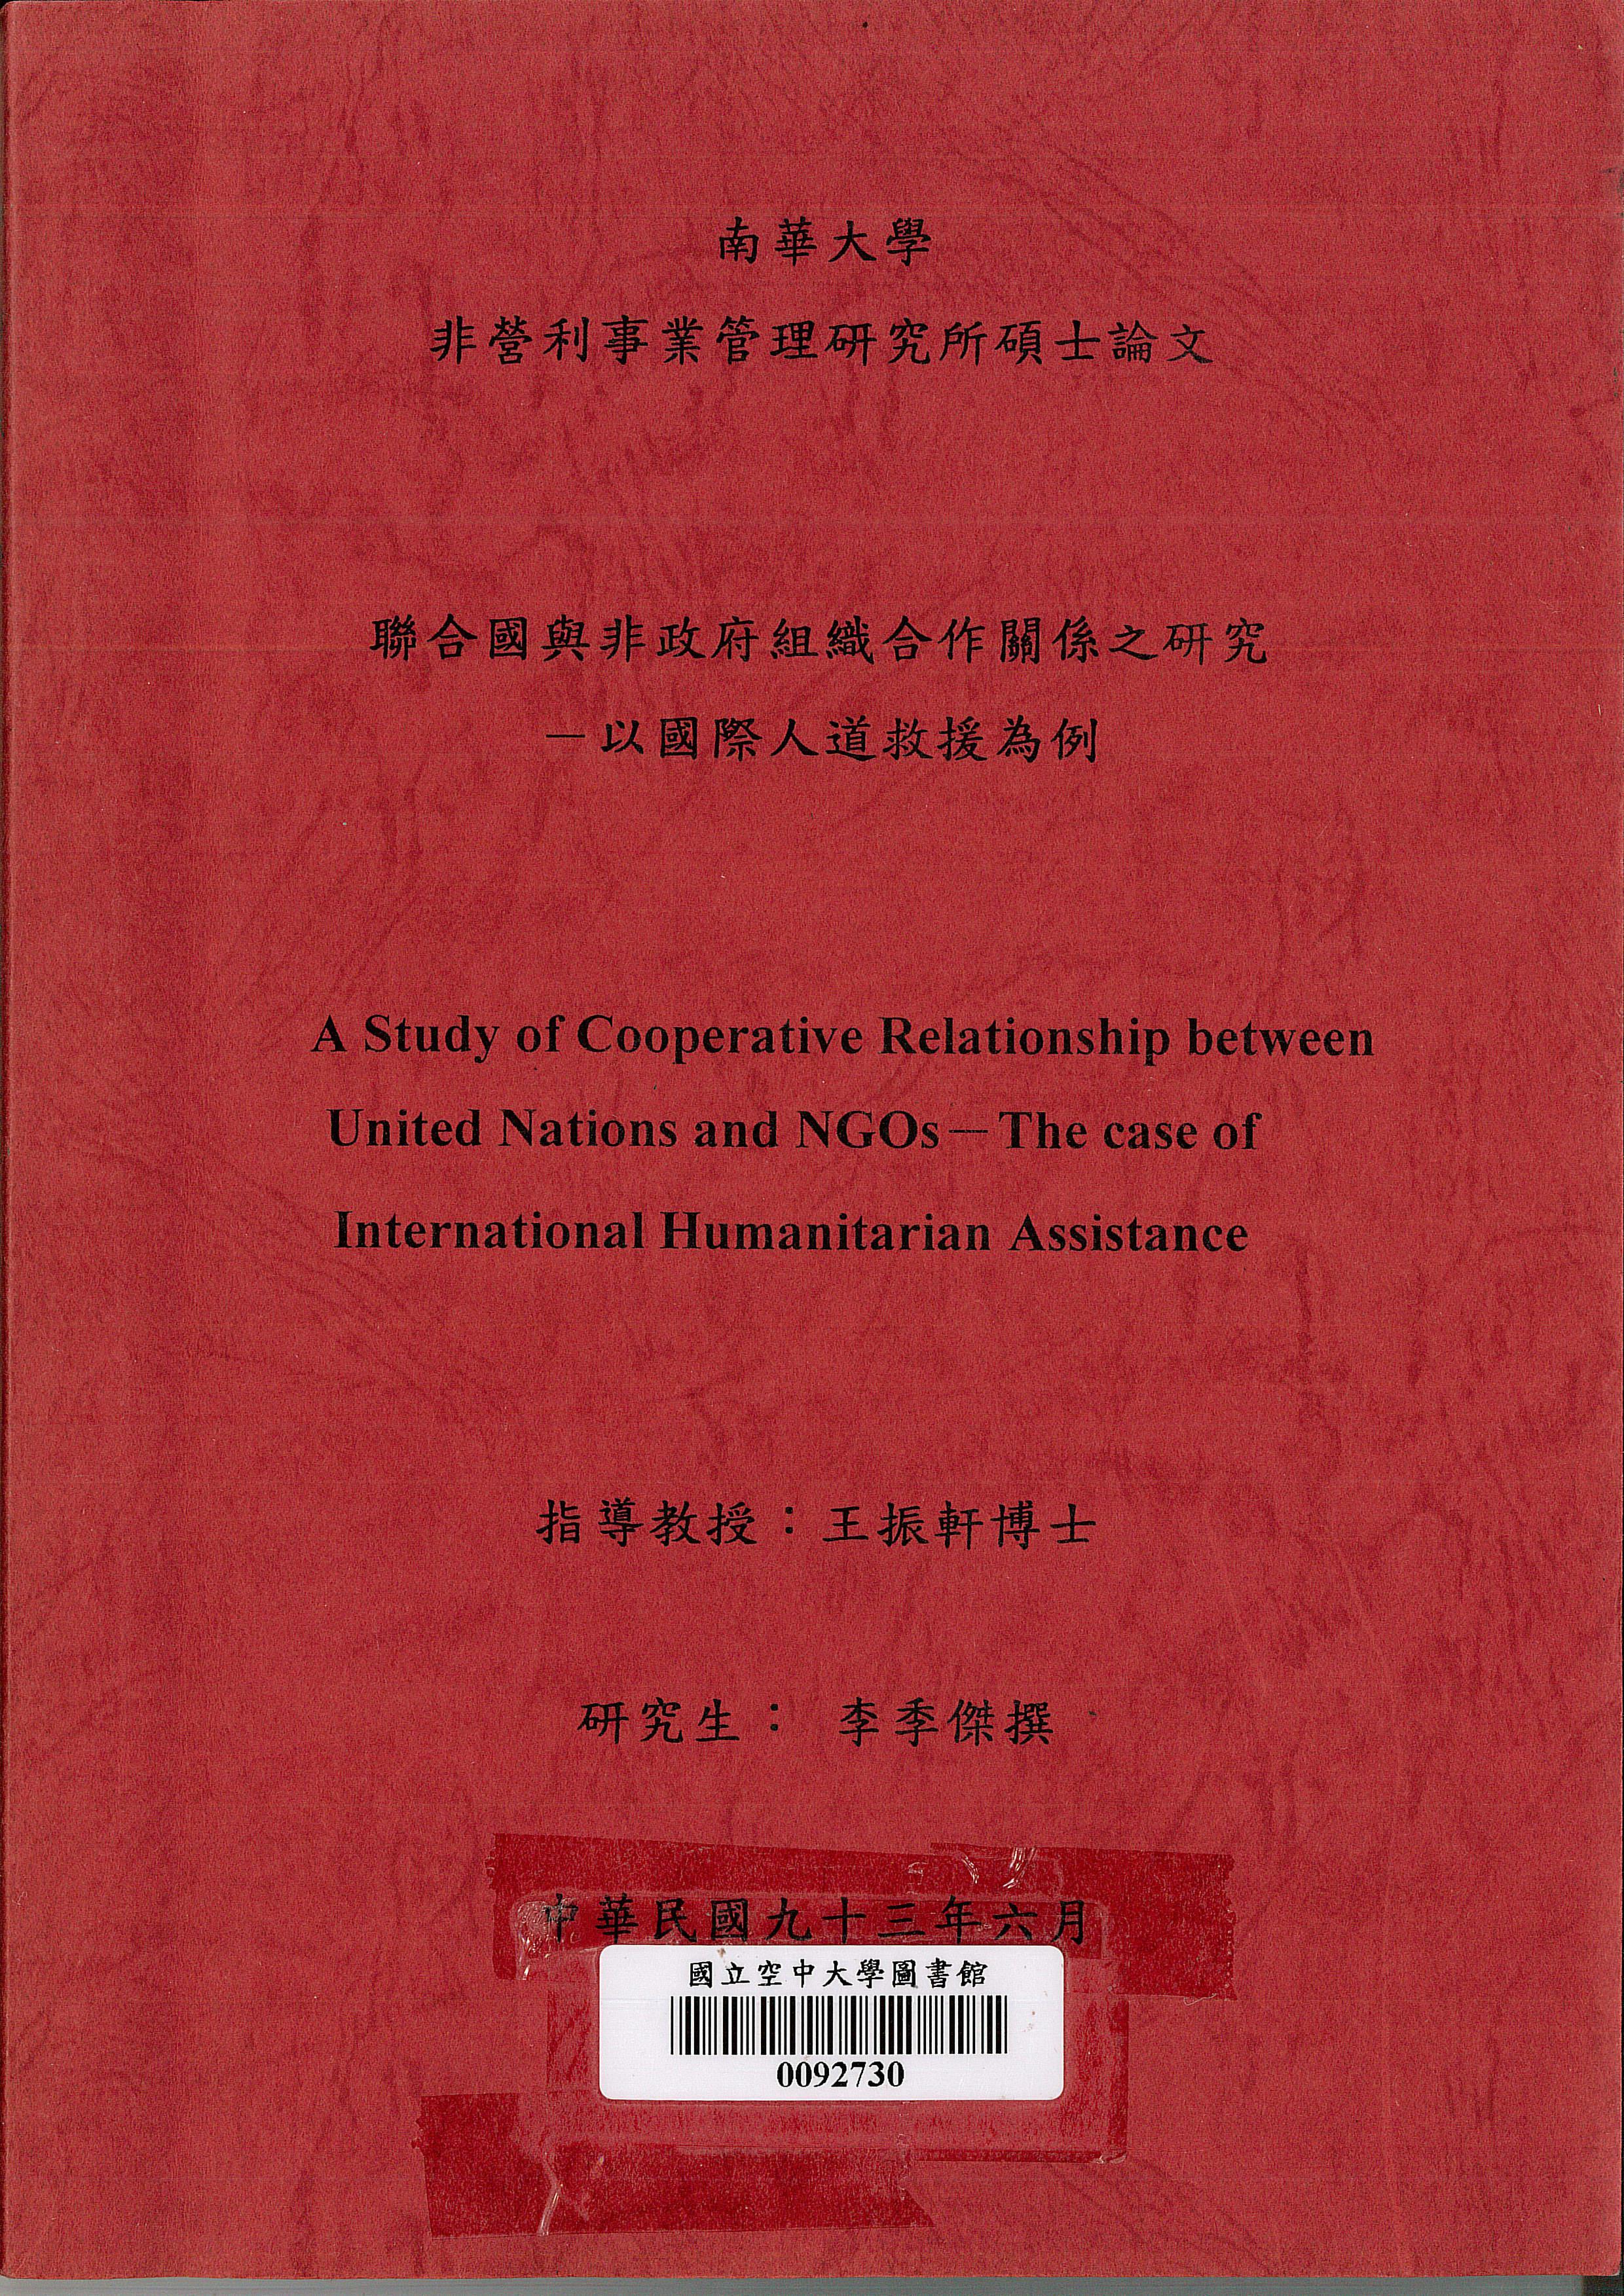 聯合國與非政府組織合作關係之研究: 以國際人道救援為例=A Study of Cooperative Relationship between United Nations and NGOs – The case of International Humanitarian Assistance